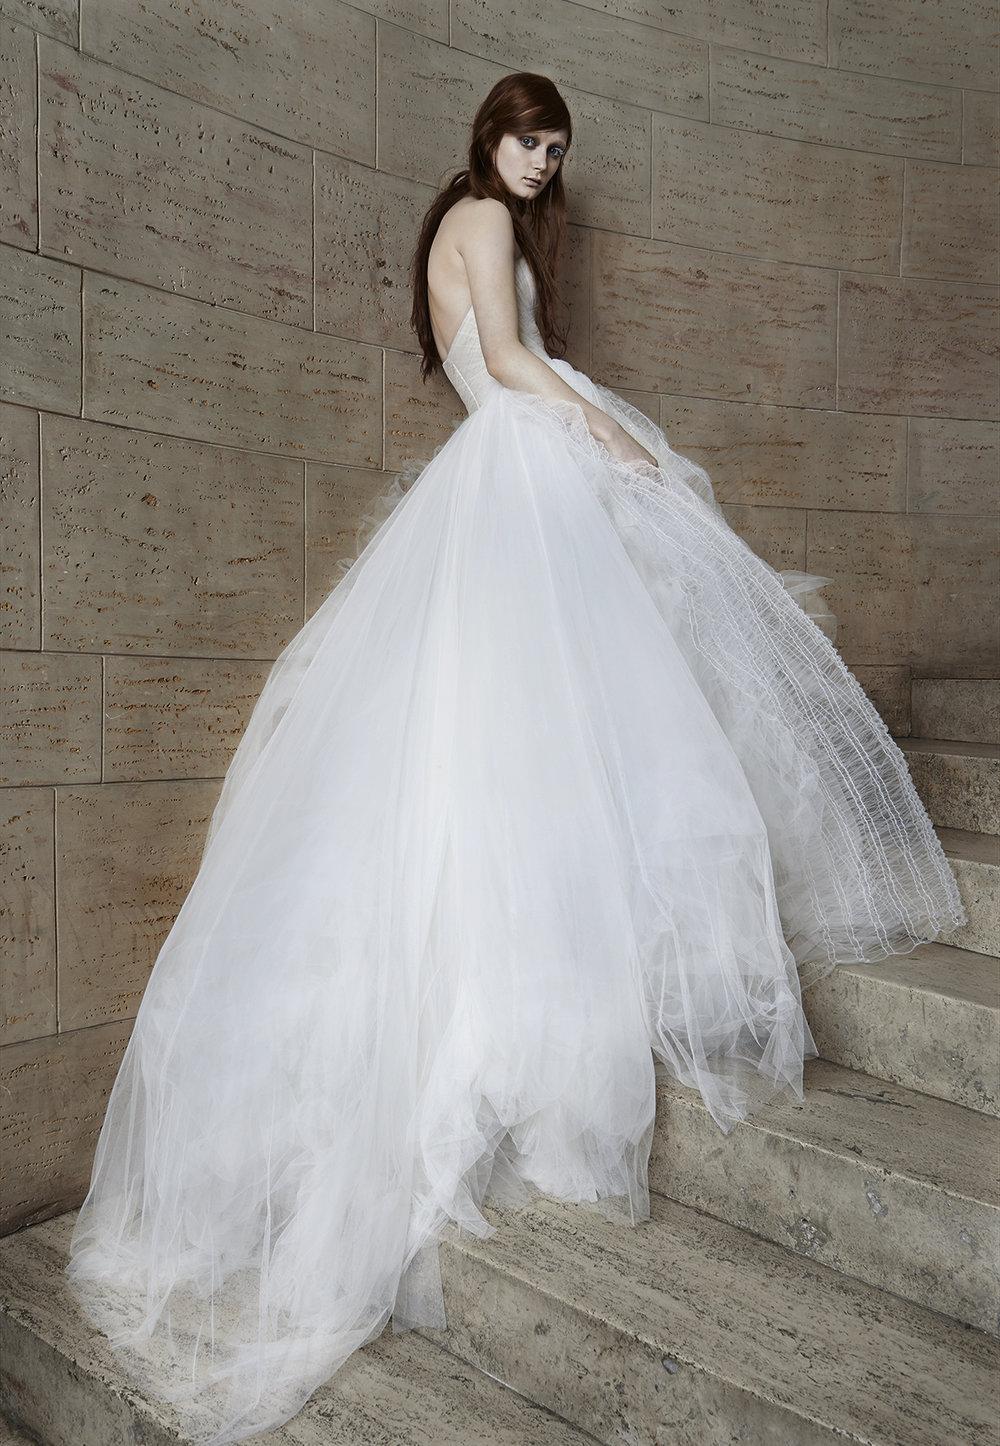 Iconic Style    Gown Name: Octavia 抹胸領口公主大裙剪裁的婚紗    Description: 抹胸領口公主大裙剪裁的婚紗,Octavia 是一襲充滿了動態美感的婚紗,新 娘在行走中裙體彷彿被片片隨意而輕盈的薄紗圍繞。 手工的薄紗抓摺胸衣,無負擔緊密 的貼緊身軀,營造纖細的腰身。不規則的薄紗,如蟬翼般輕柔,穿在身上一點也不嫌重。 穿著她的新娘可愛、柔軟而自由,彷若雲朵漂浮著被風帶往任何地方。